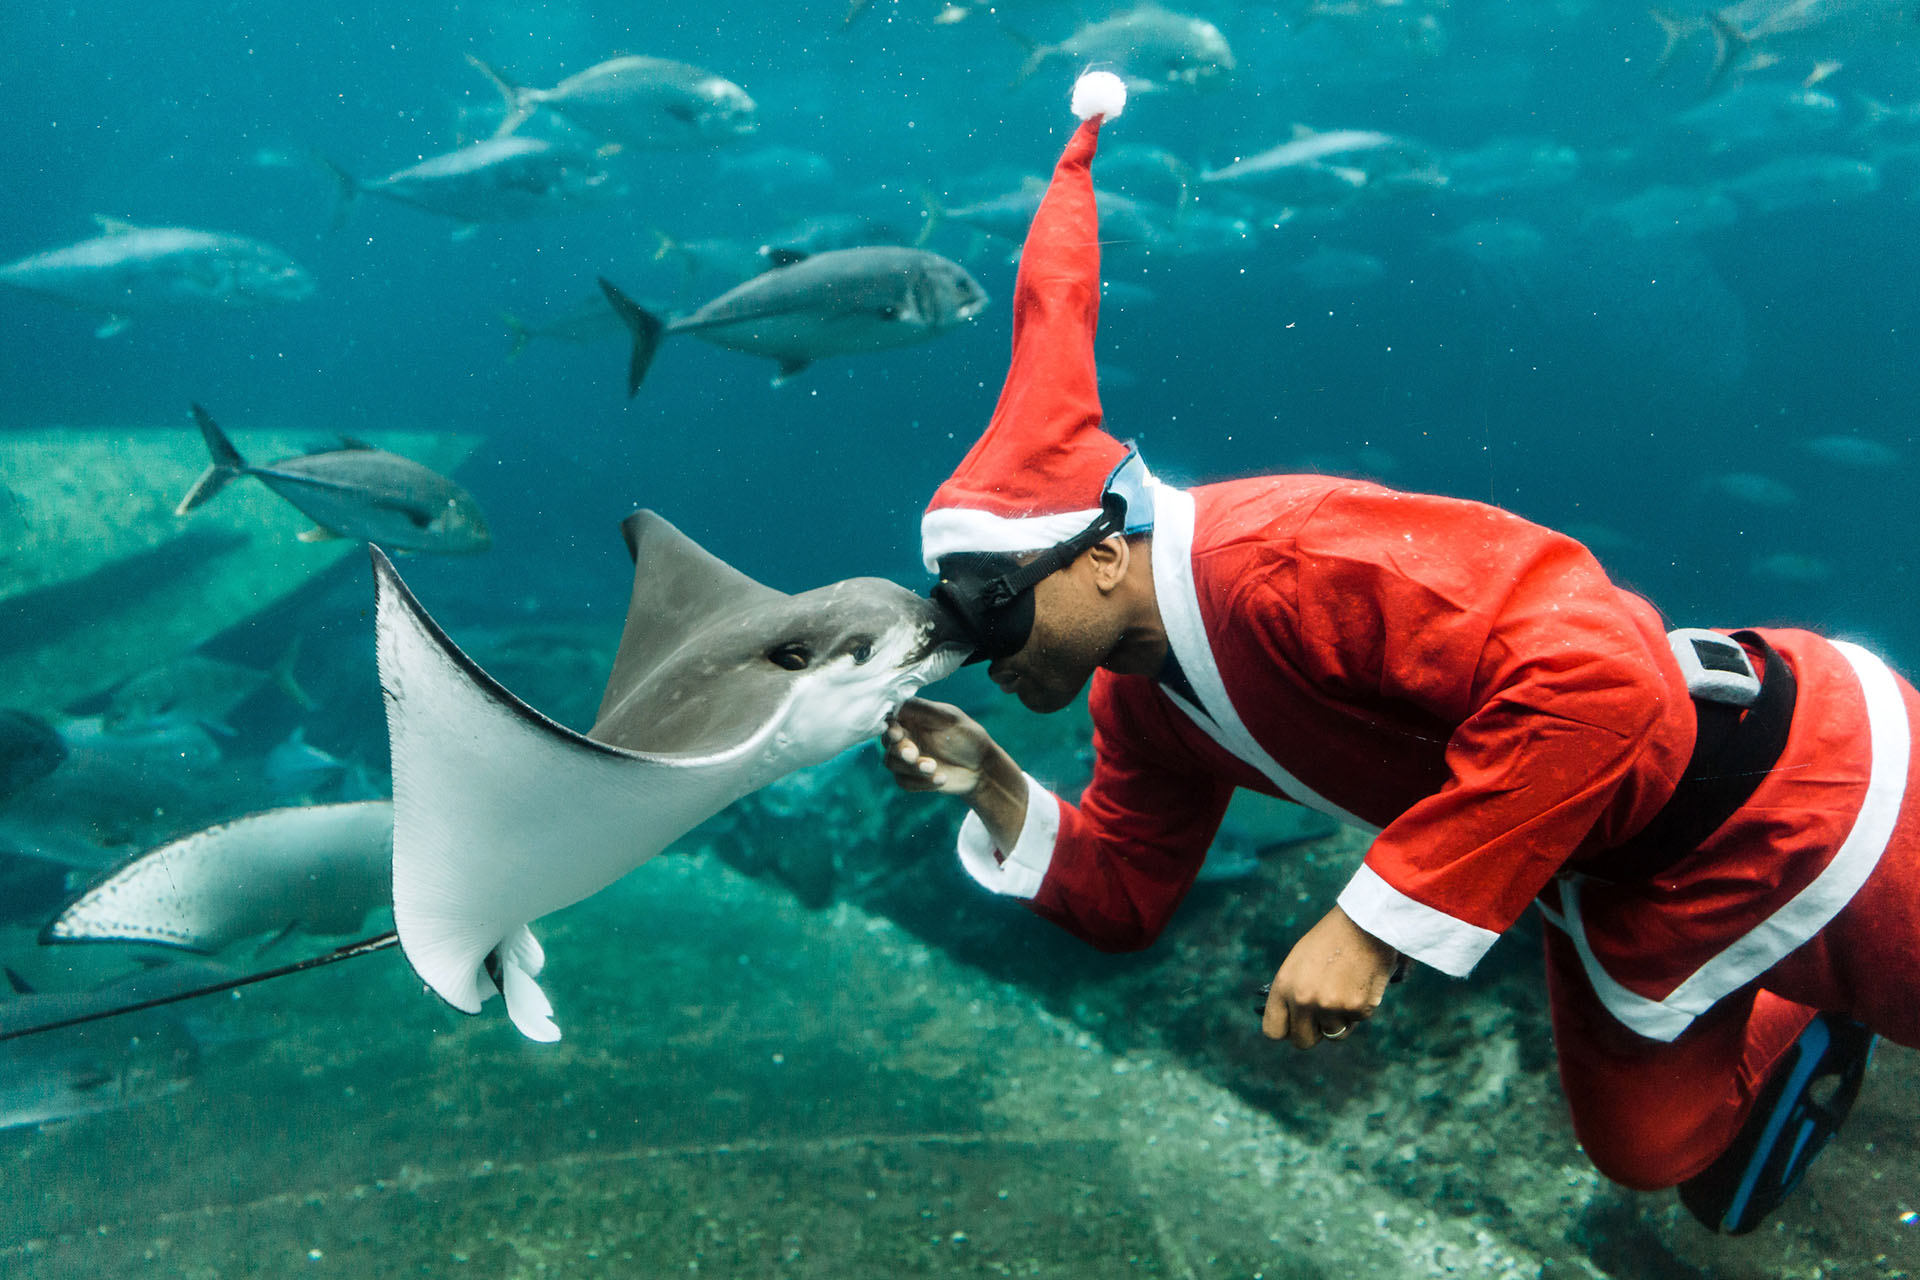 Un buceador sudafricano vestido de Papá Noel alimenta a una pez raya mientras nada en un acuario durante una exhibición antes de Navidad en el parque temático marino más grande de África, uShaka Sea World, en Durban el 19 de diciembre de 2017. (AFP)